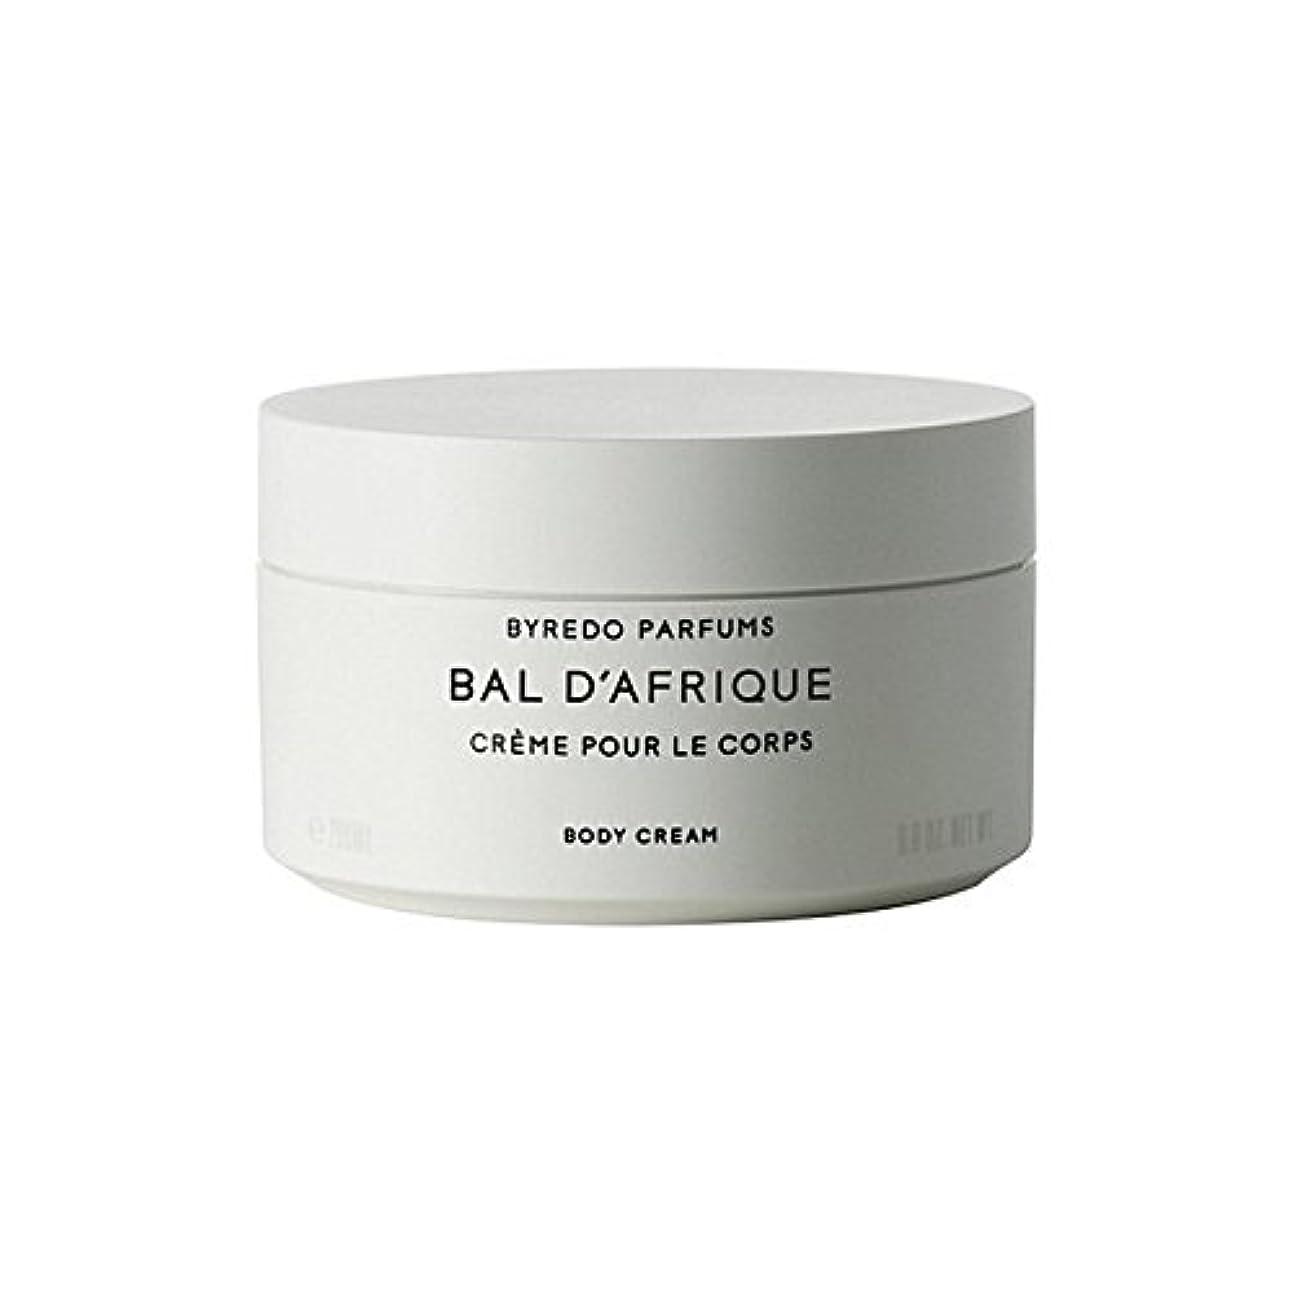 元気な瞑想的振り返るByredo Bal D'Afrique Body Cream 200ml - 'のボディクリーム200ミリリットル [並行輸入品]